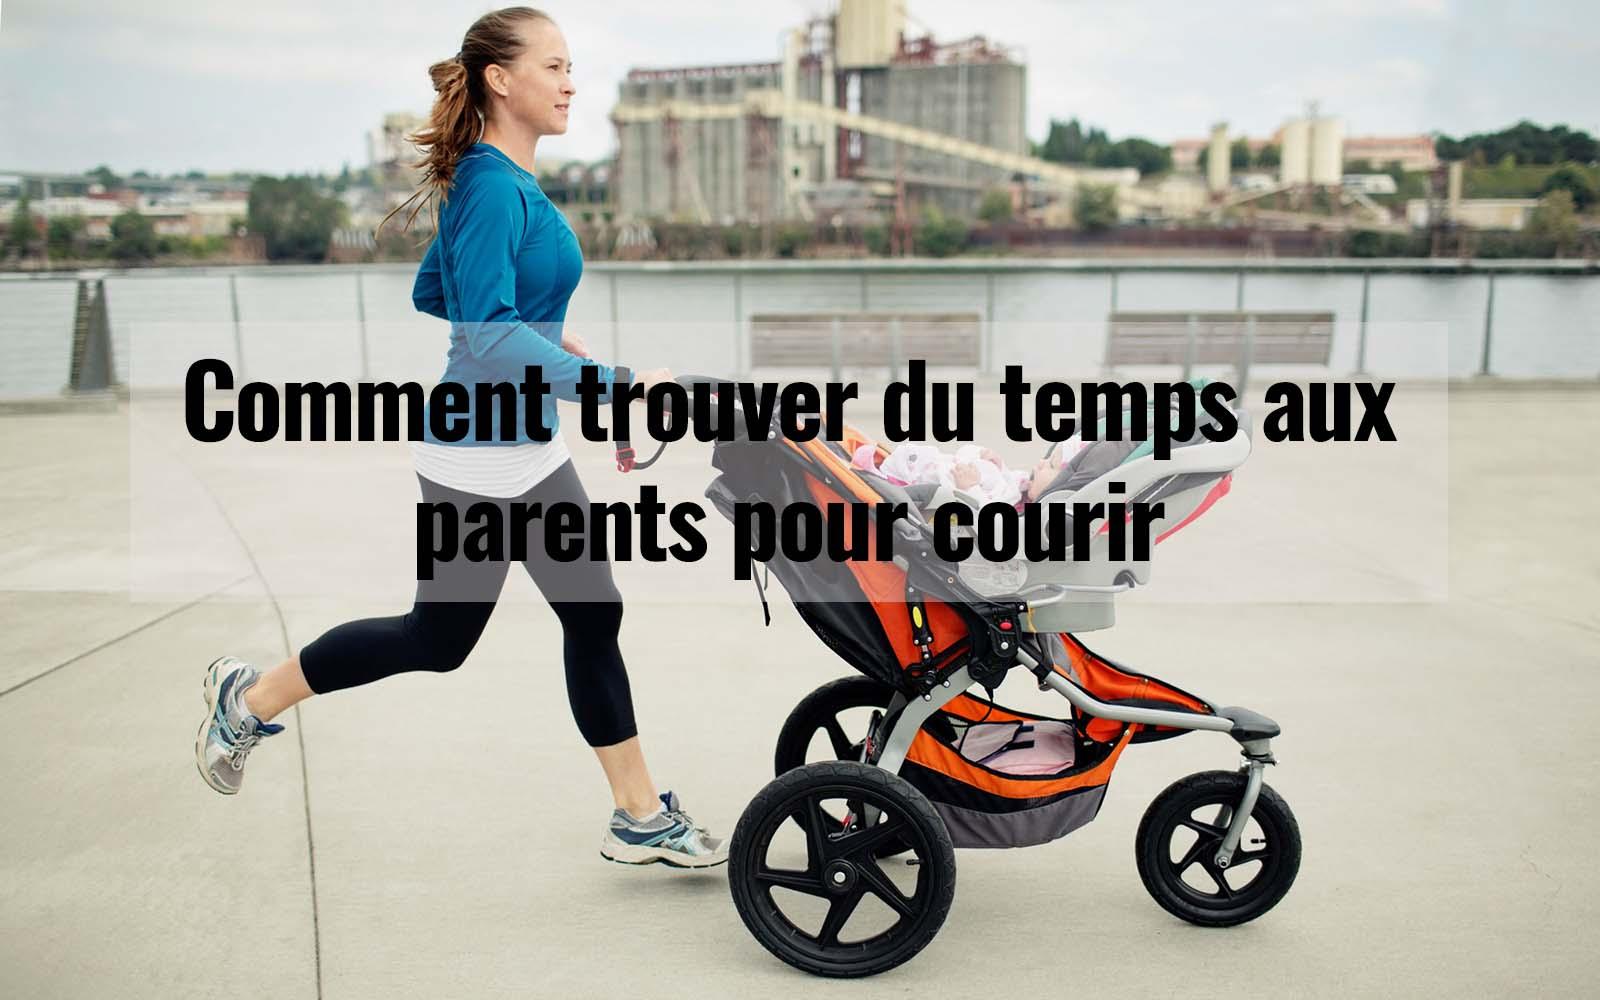 Comment trouver du temps aux parents pour courir